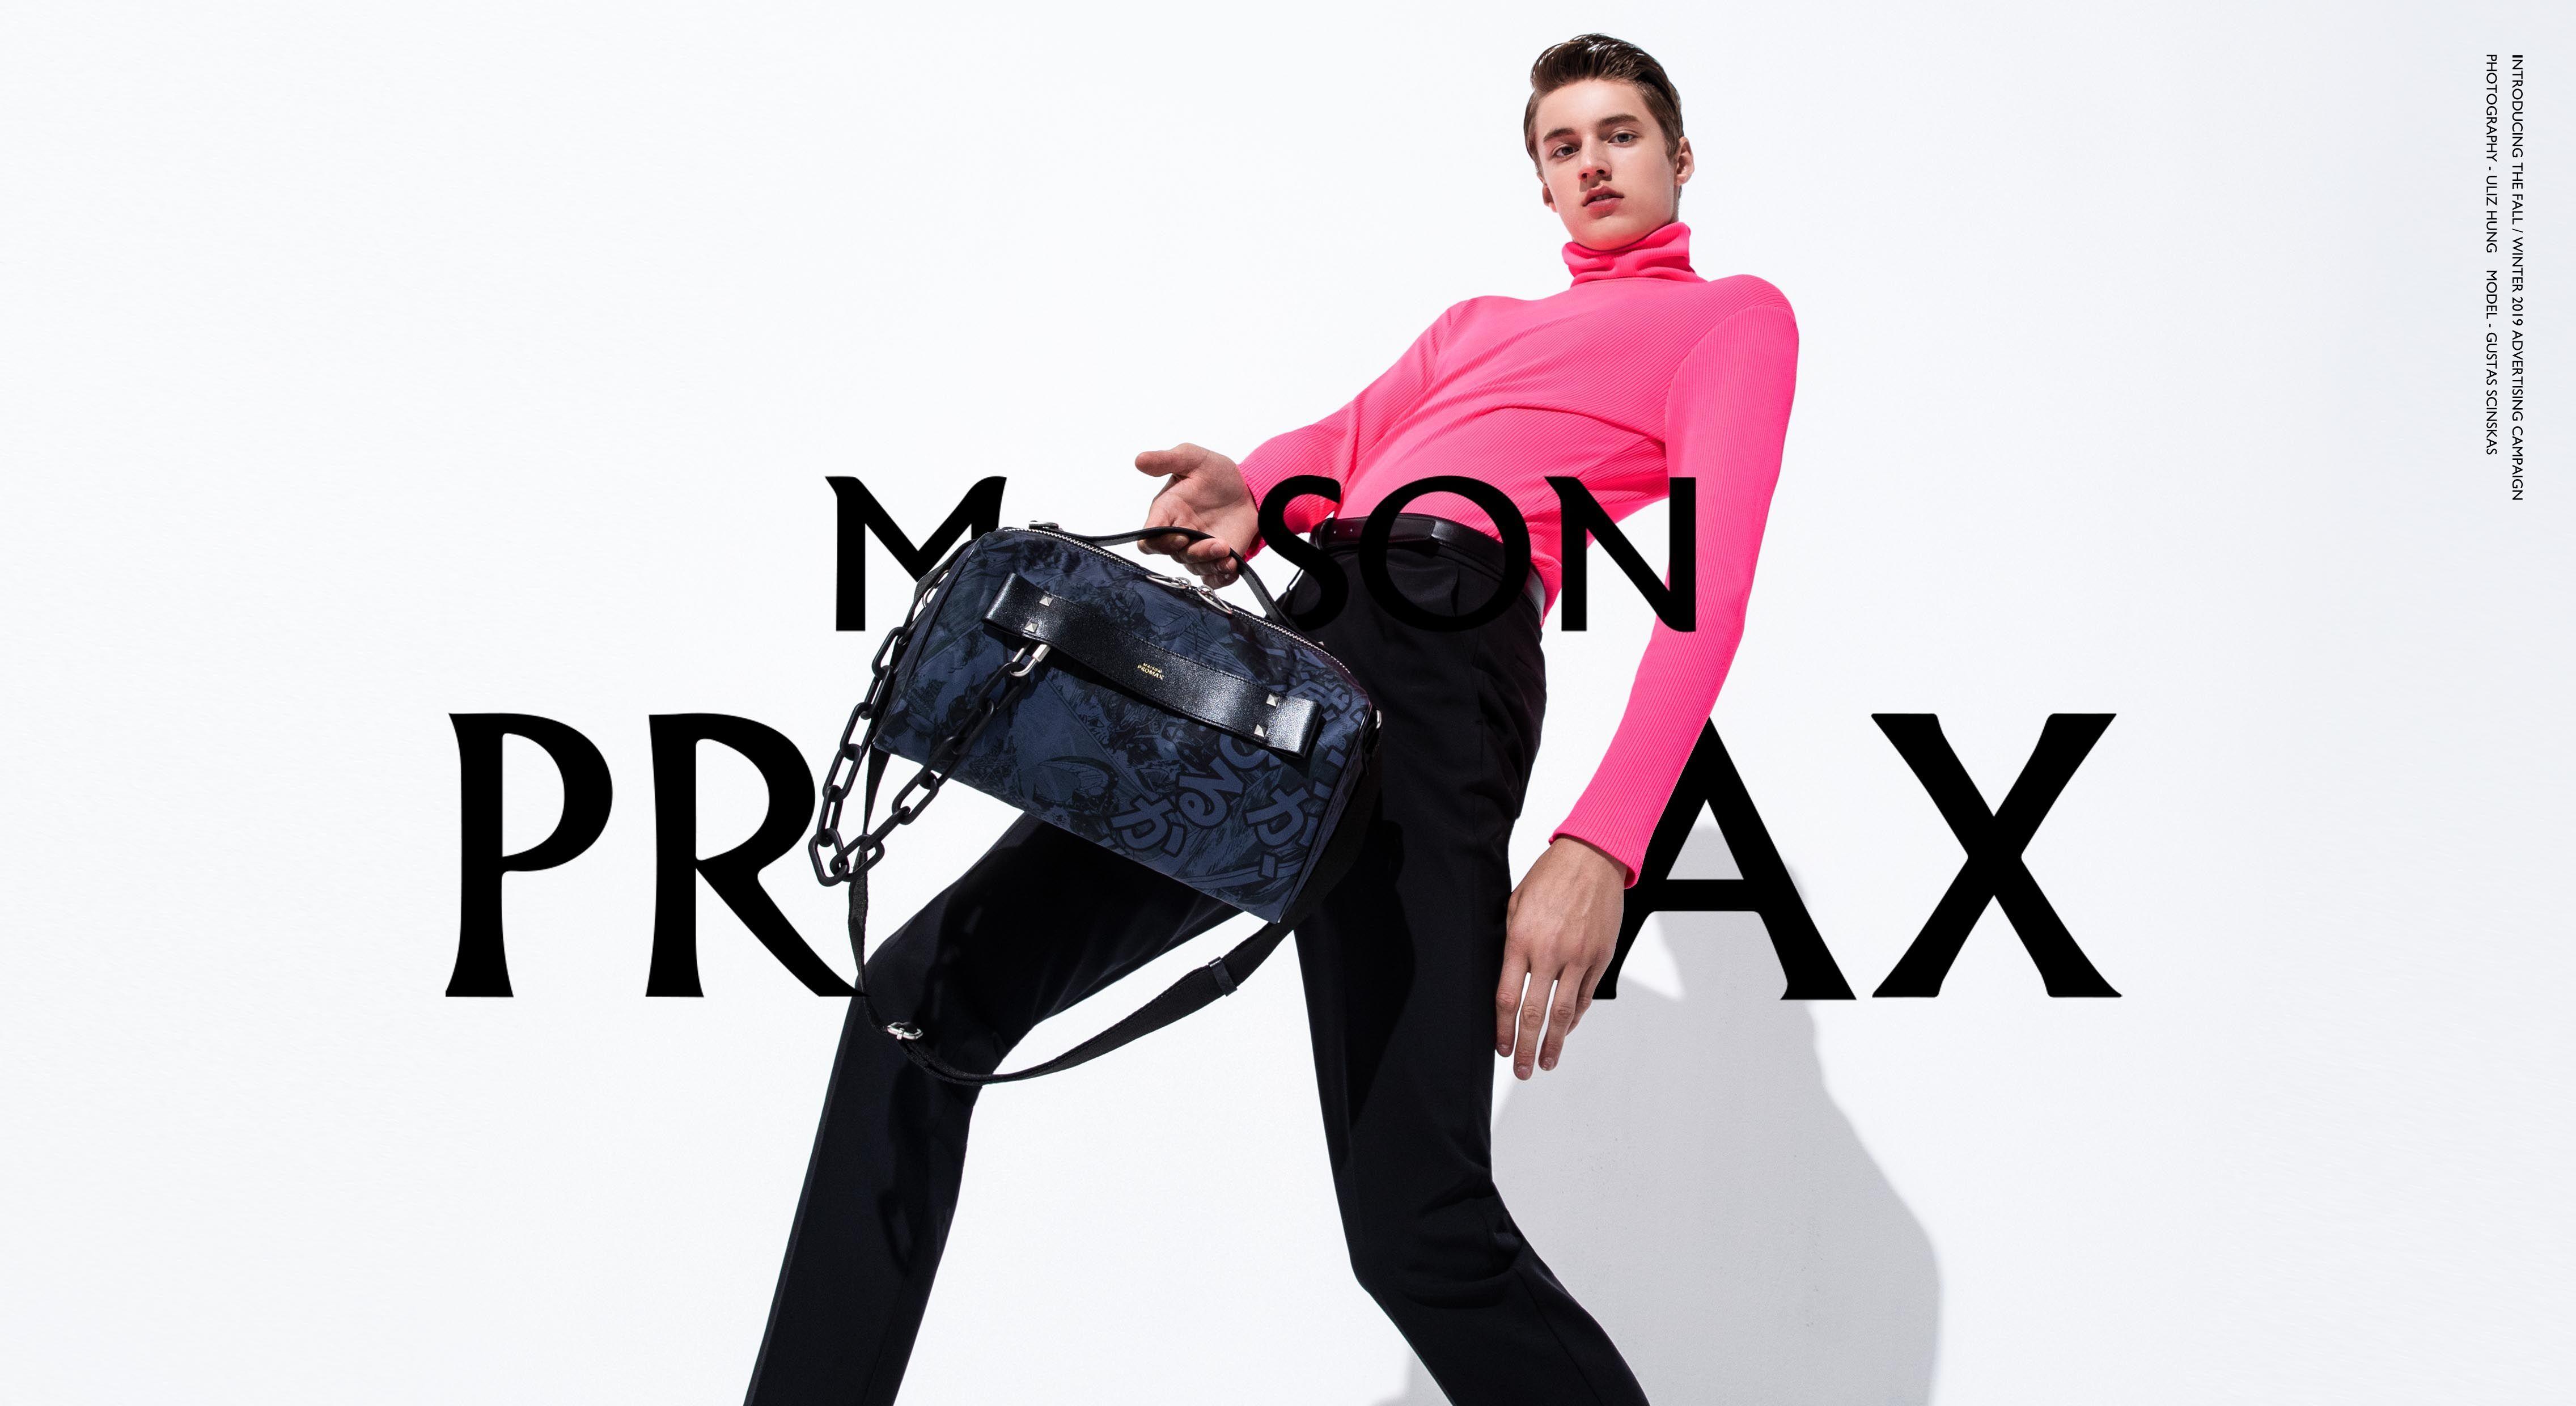 日式異想─MAISON PROMAX 2019 秋冬系列